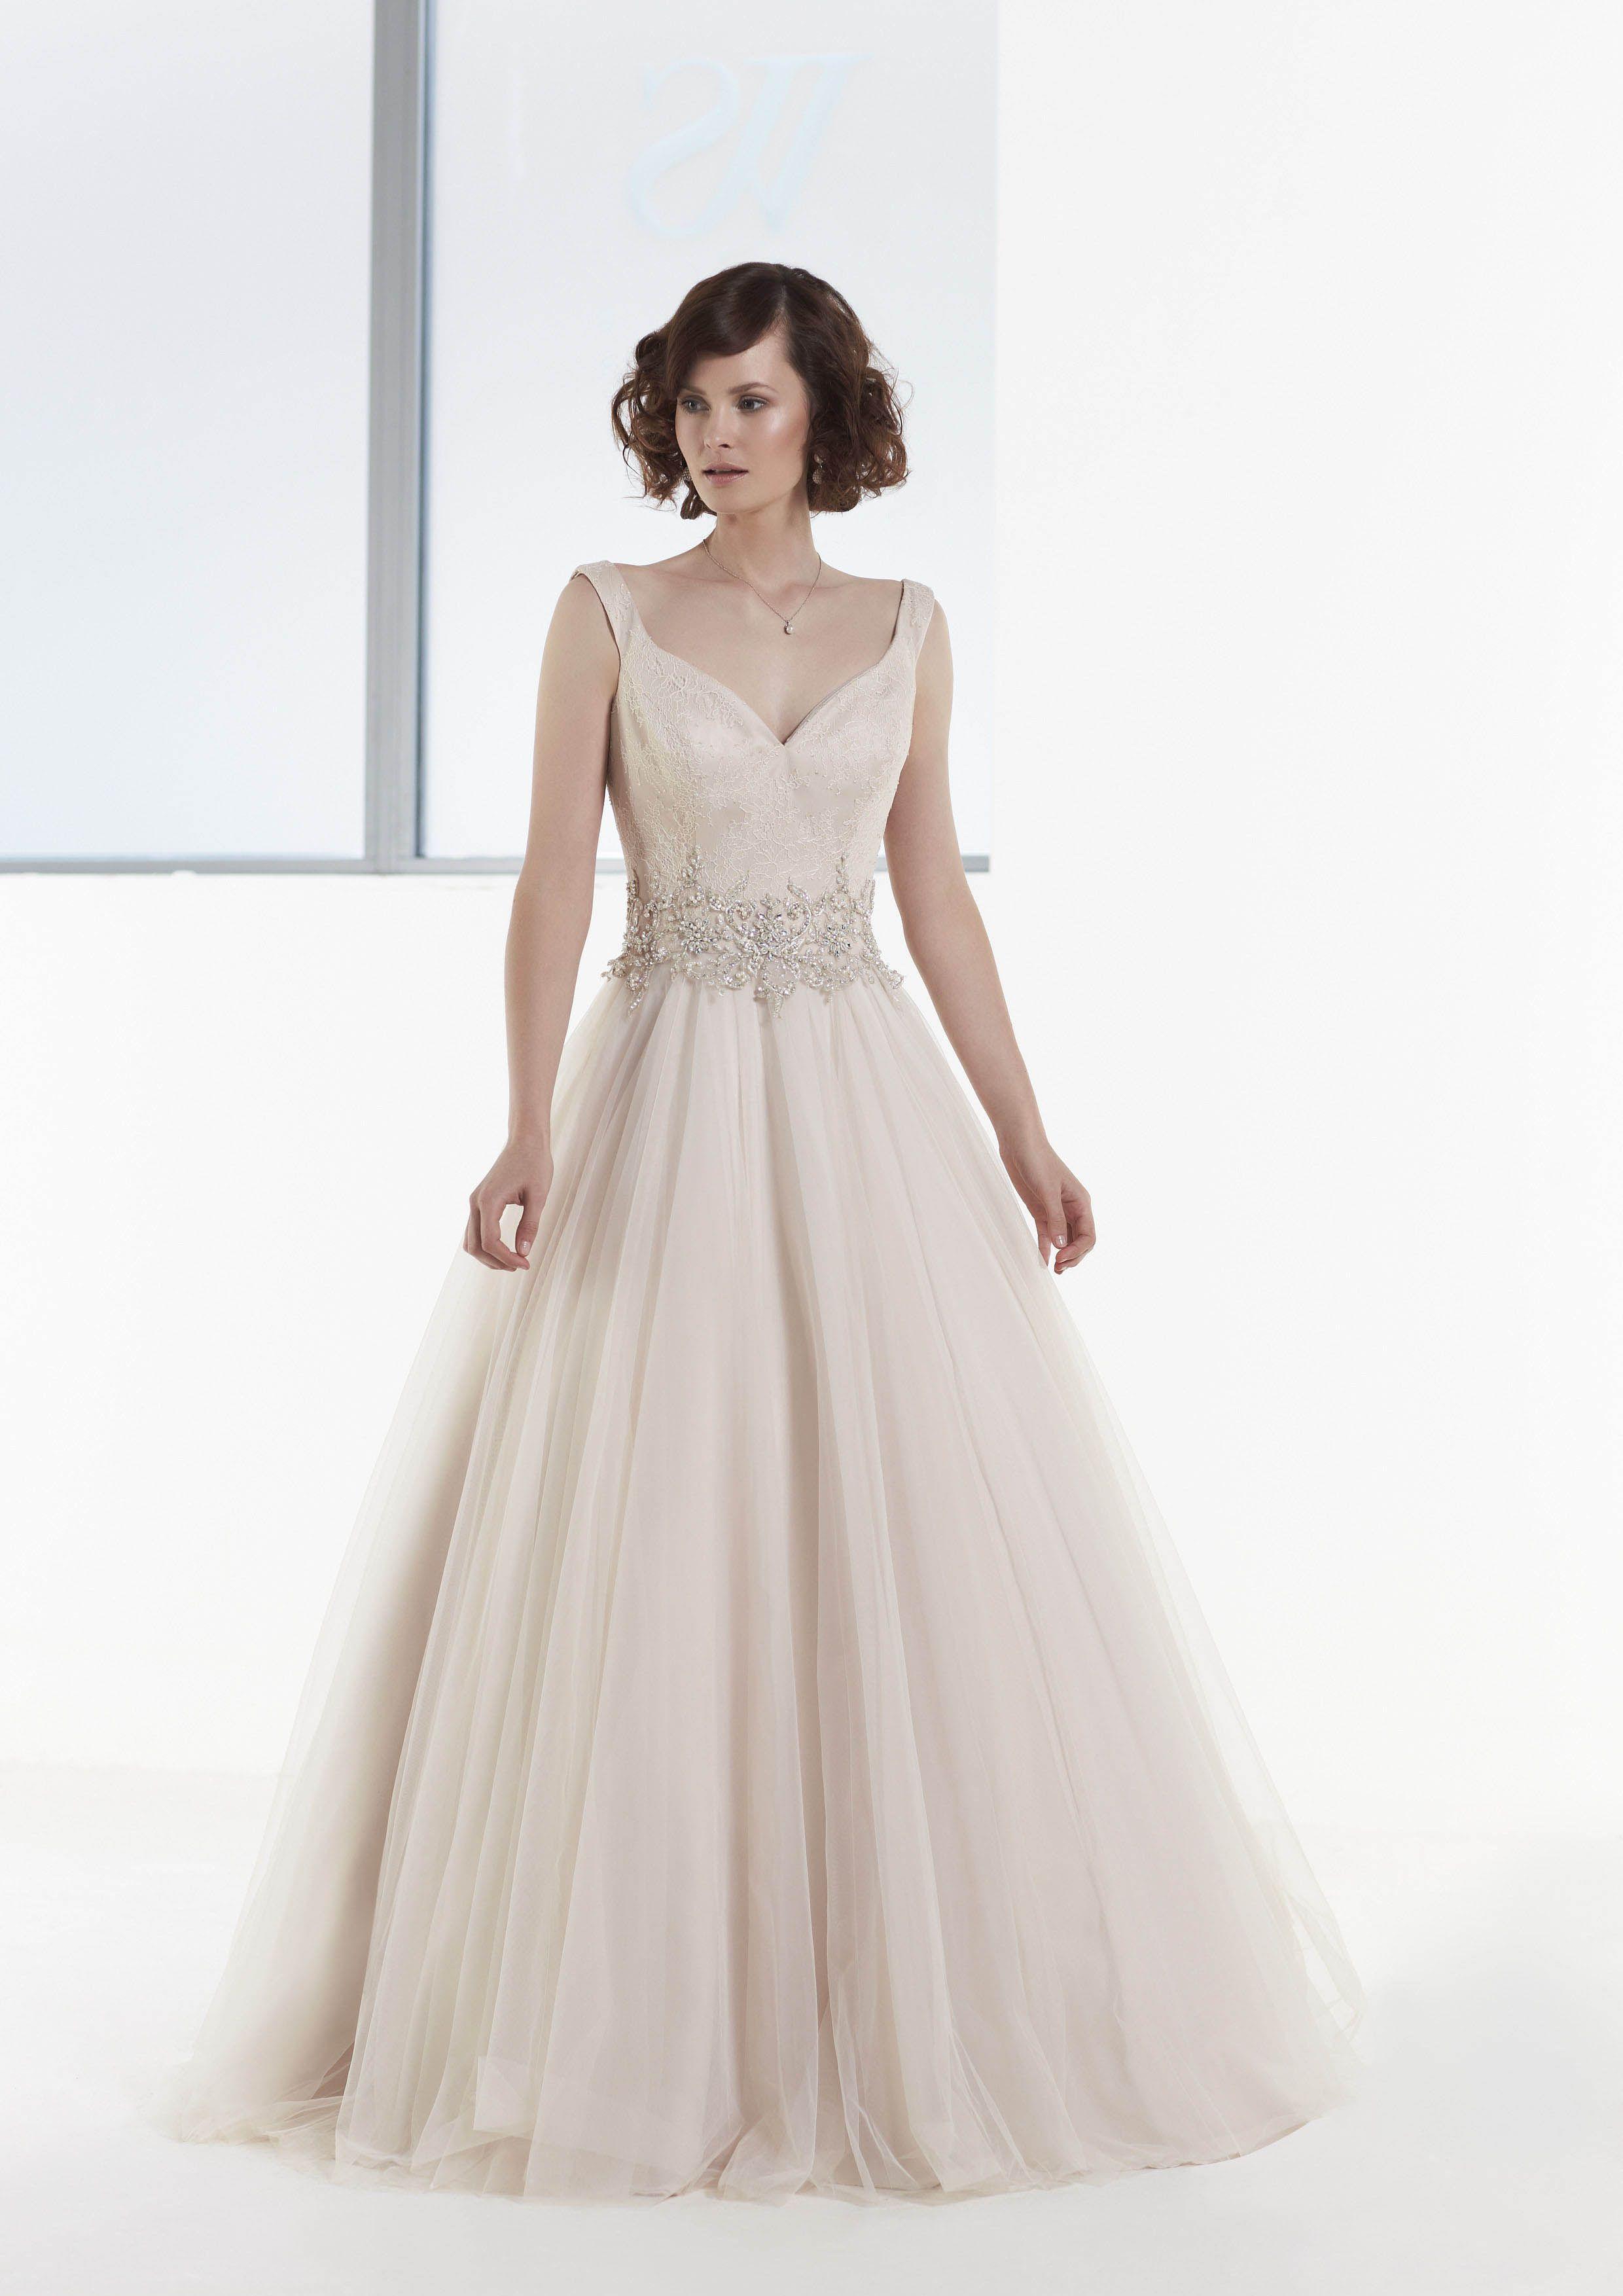 Berühmt Brautkleider In Dallas Tx Für Billig Ideen - Brautkleider ...